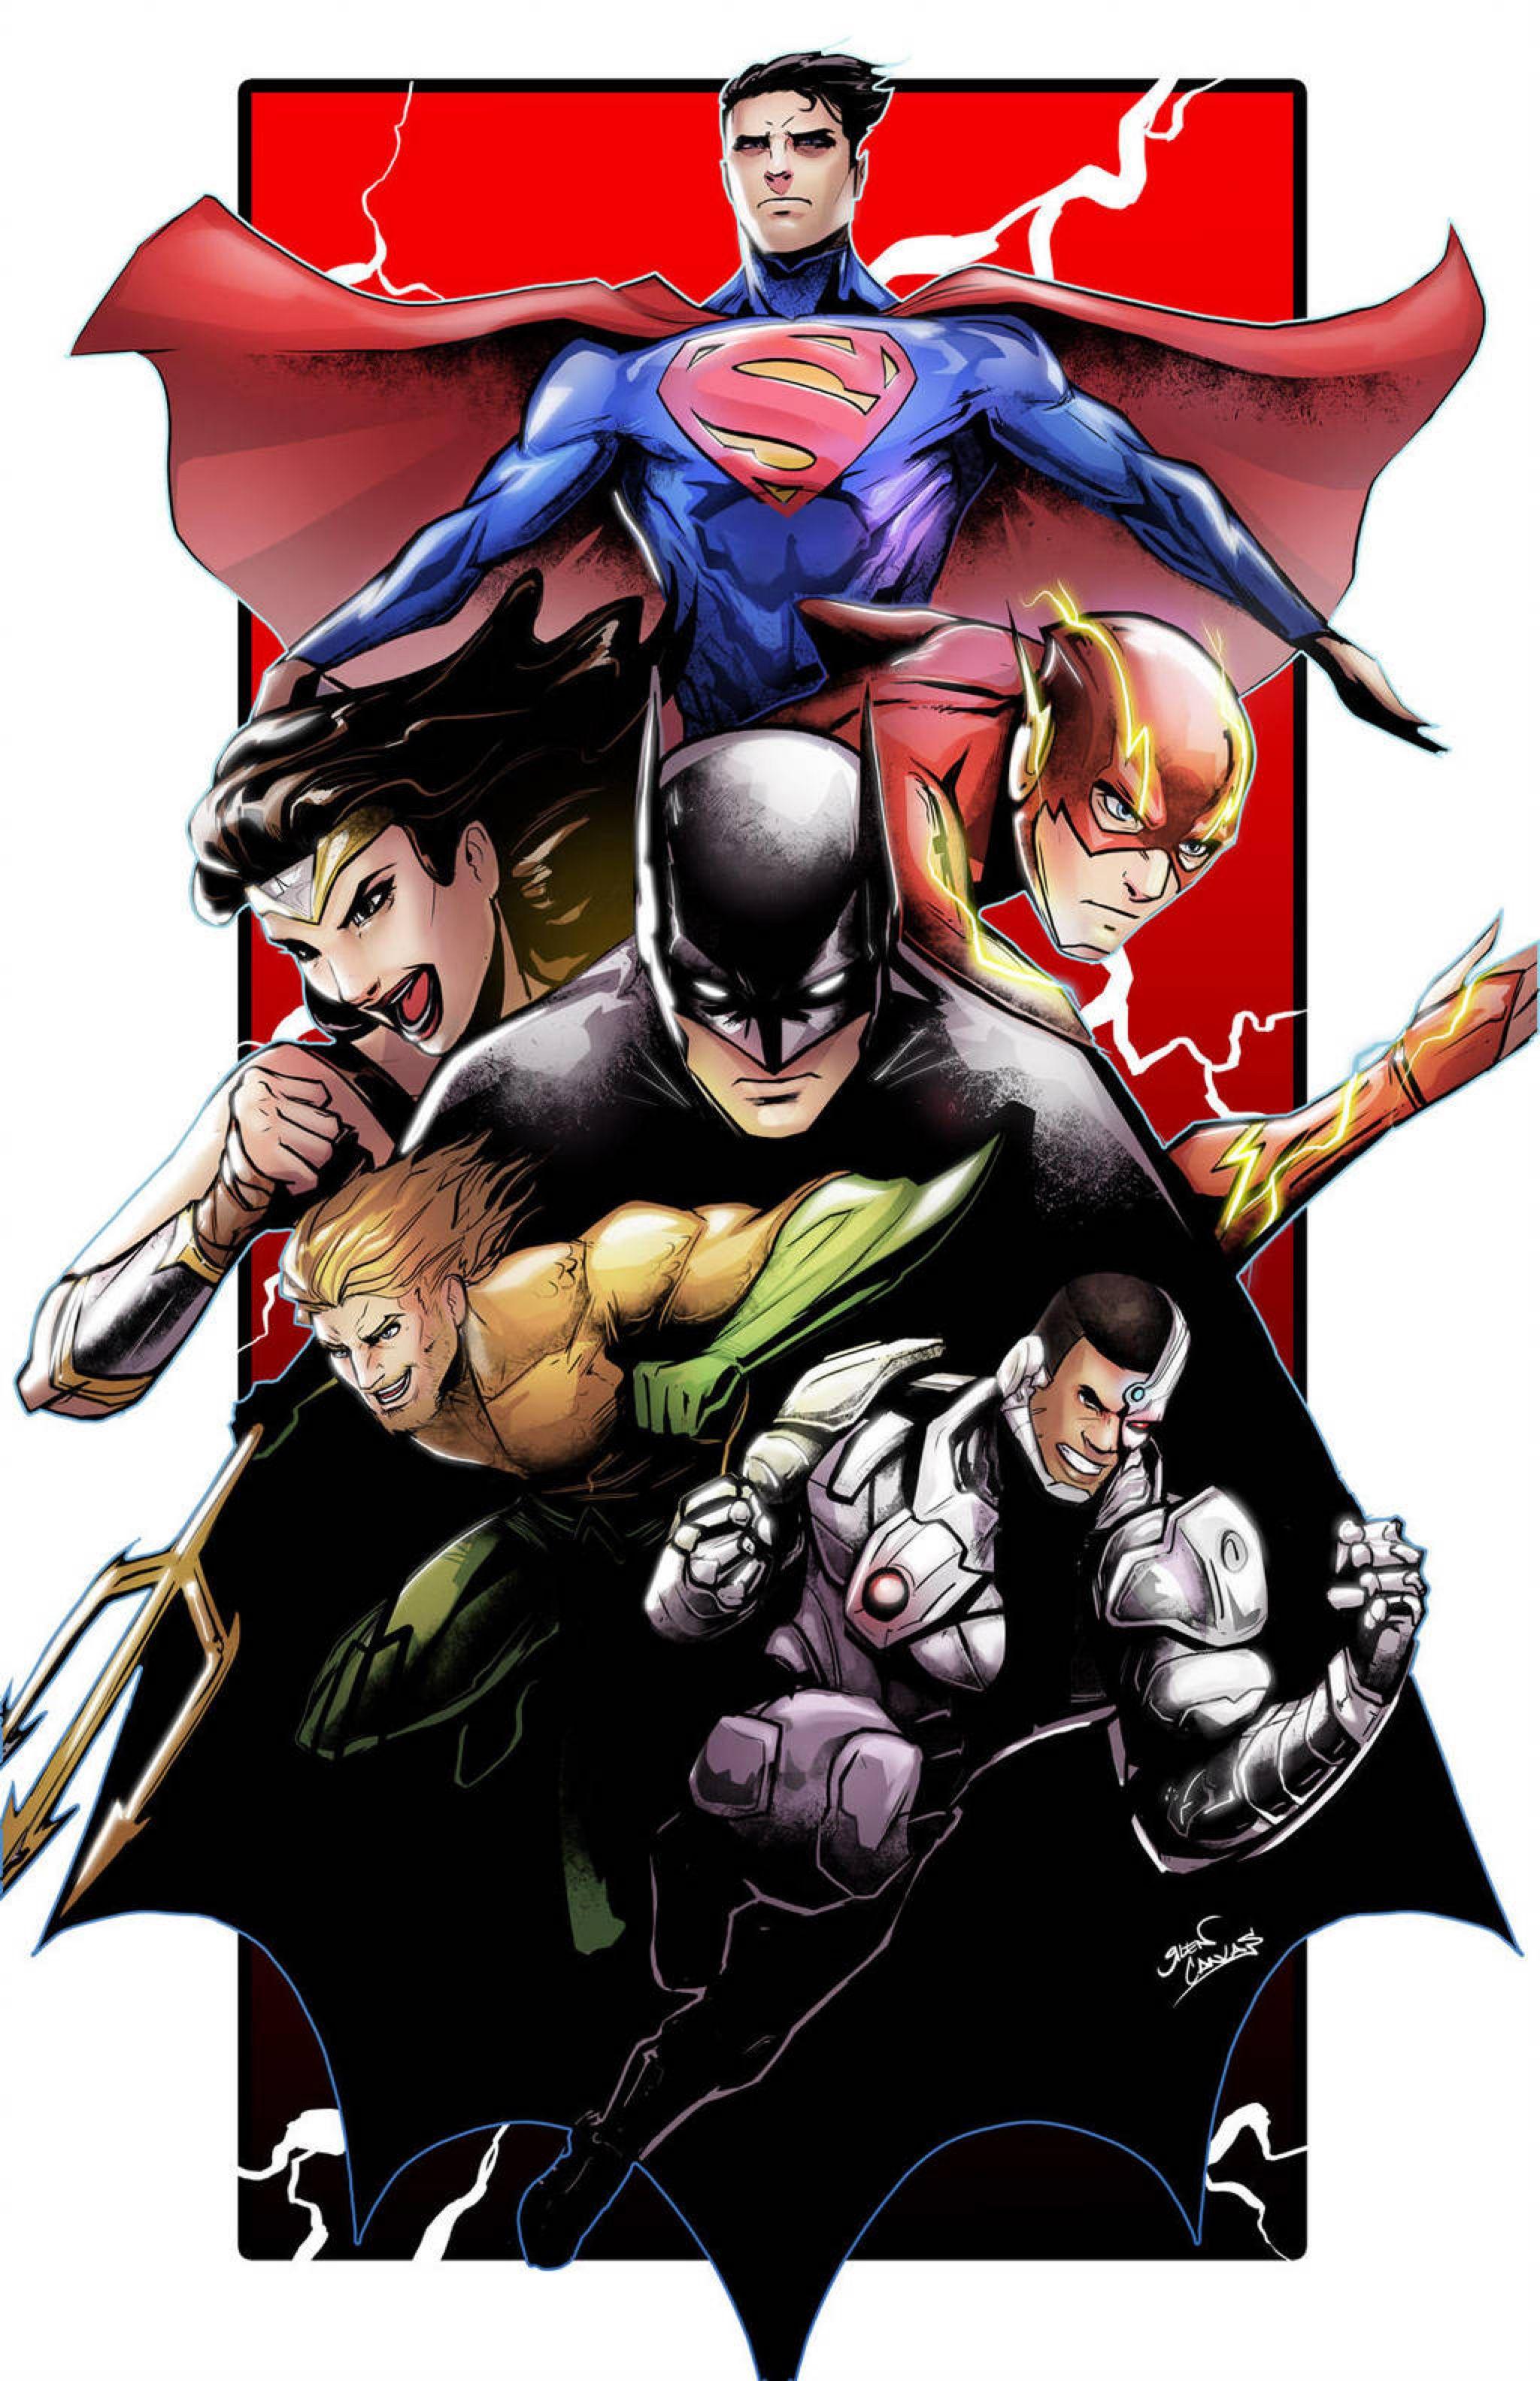 Justice league by glencanlas on @DeviantArt   Justice league art ...